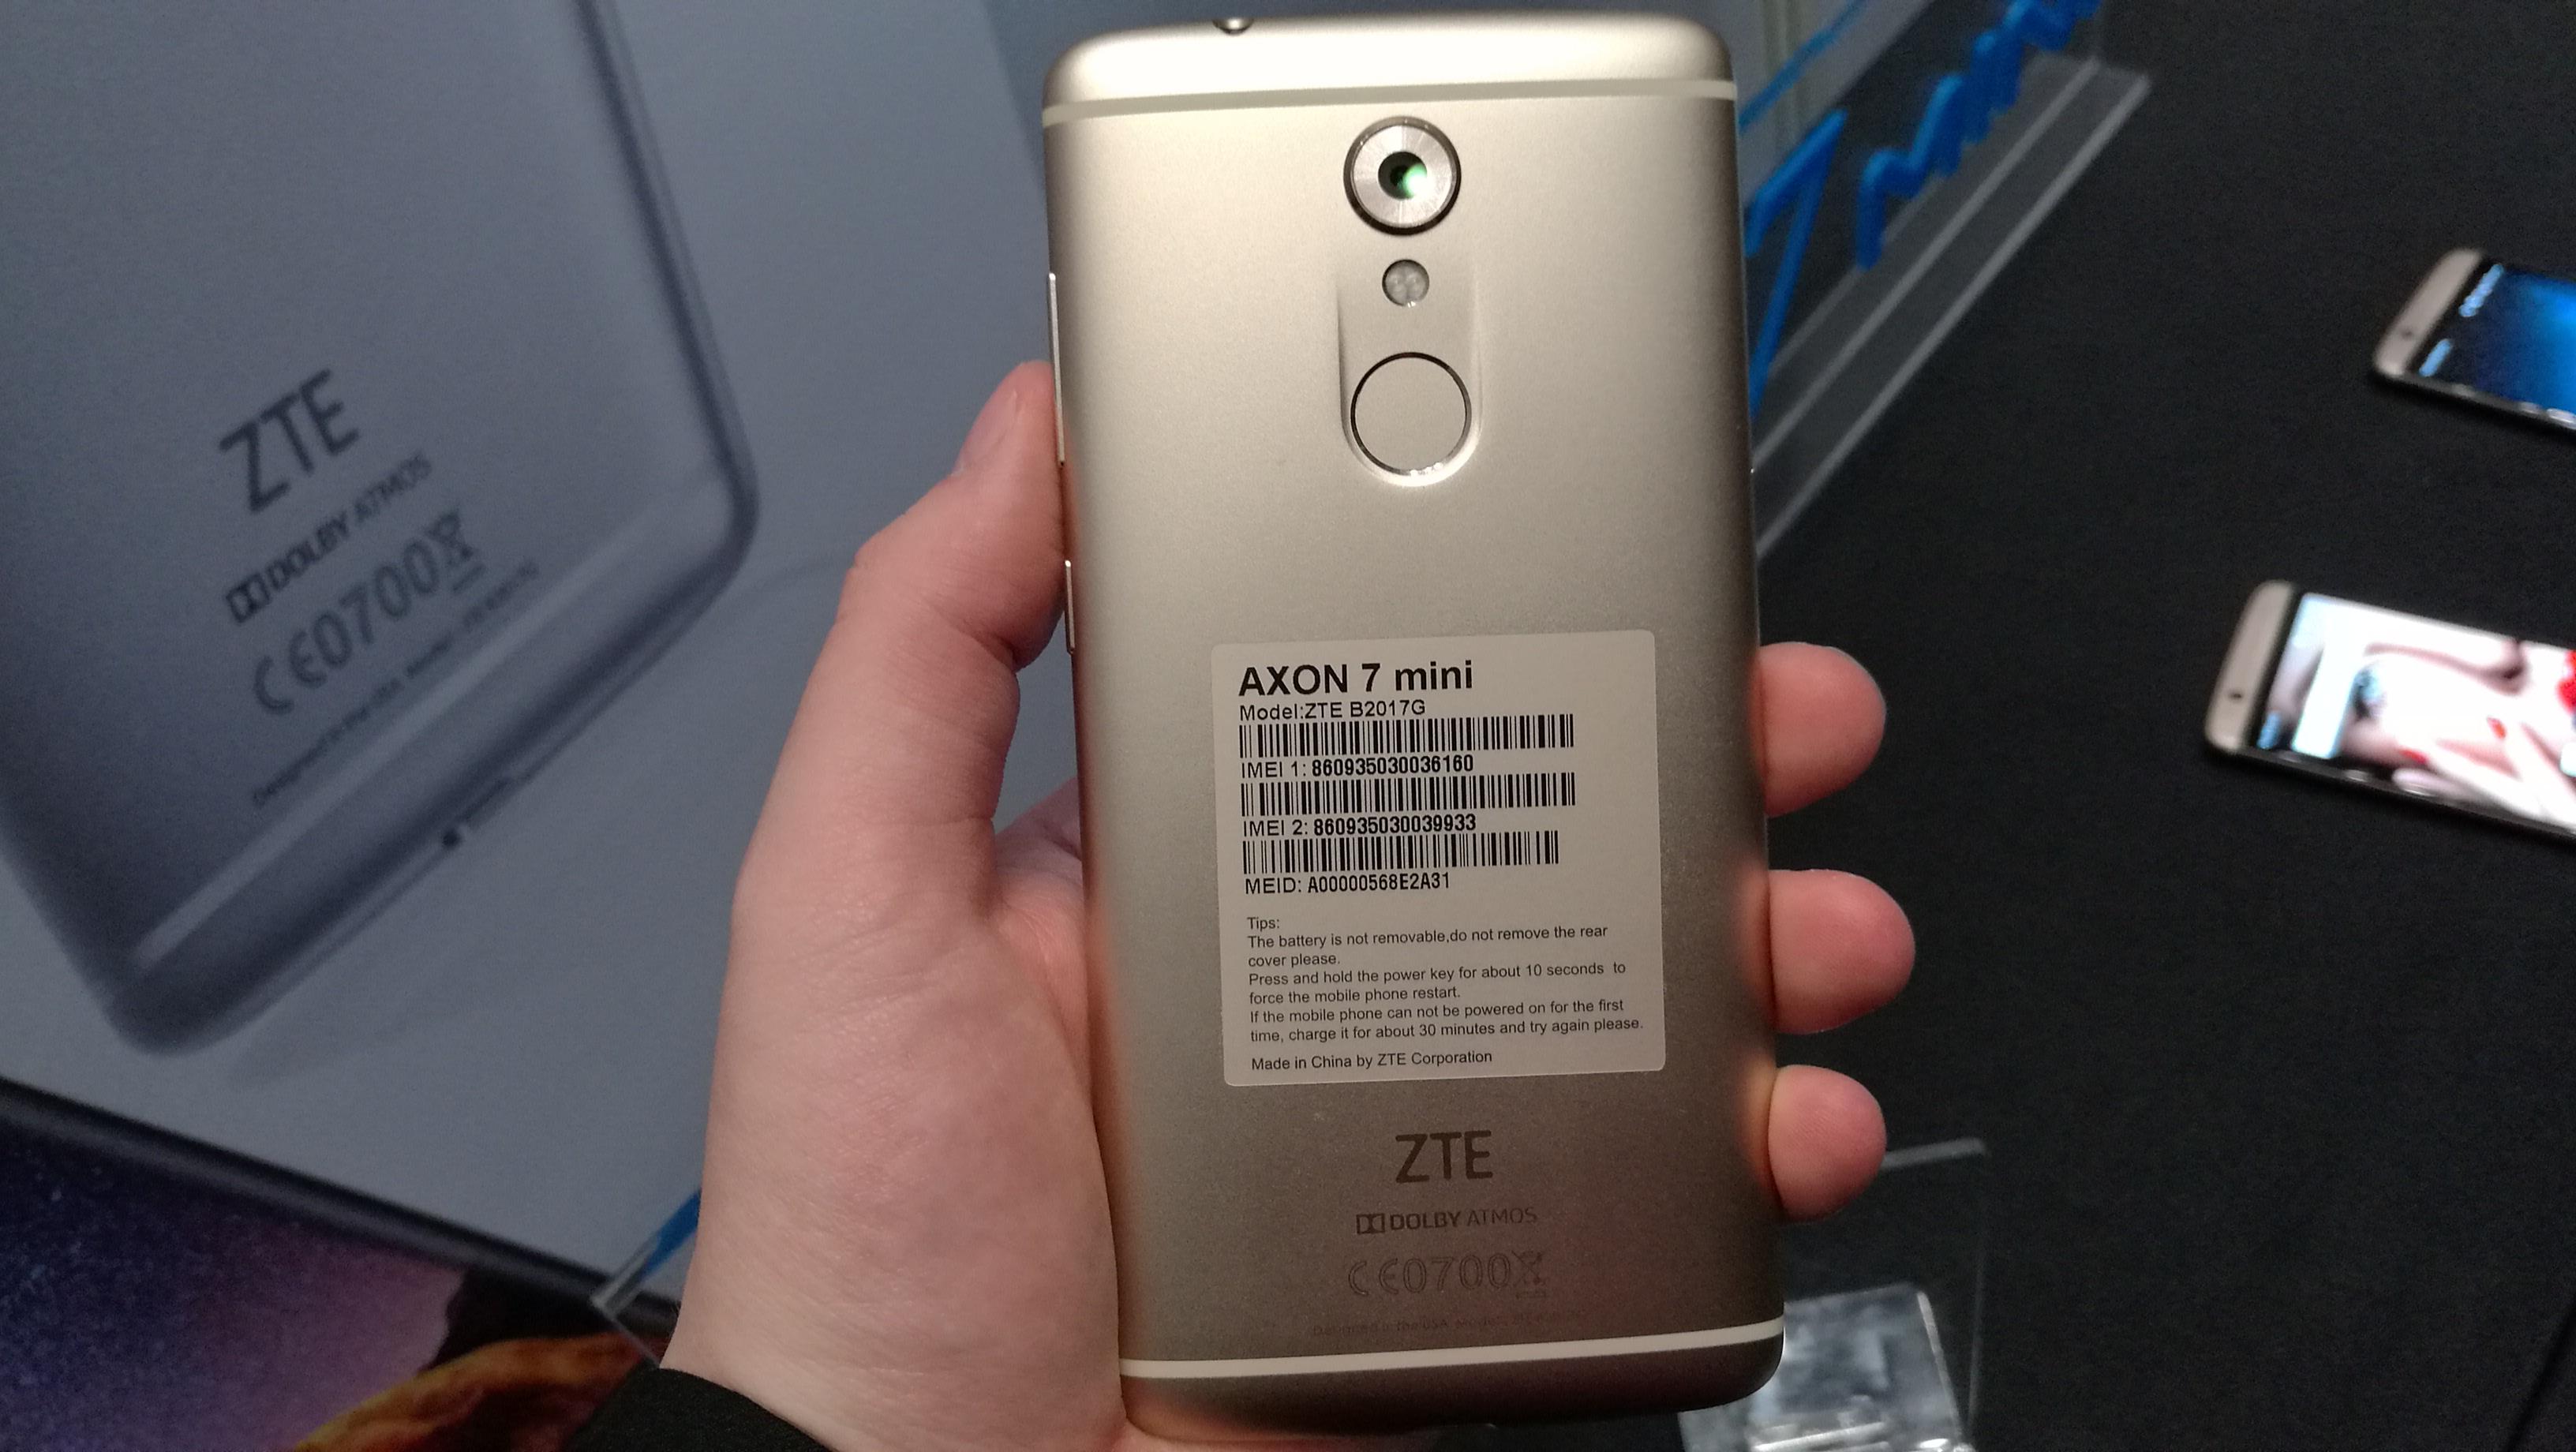 IFA 2016: ZTE Launches the AXON 7 mini